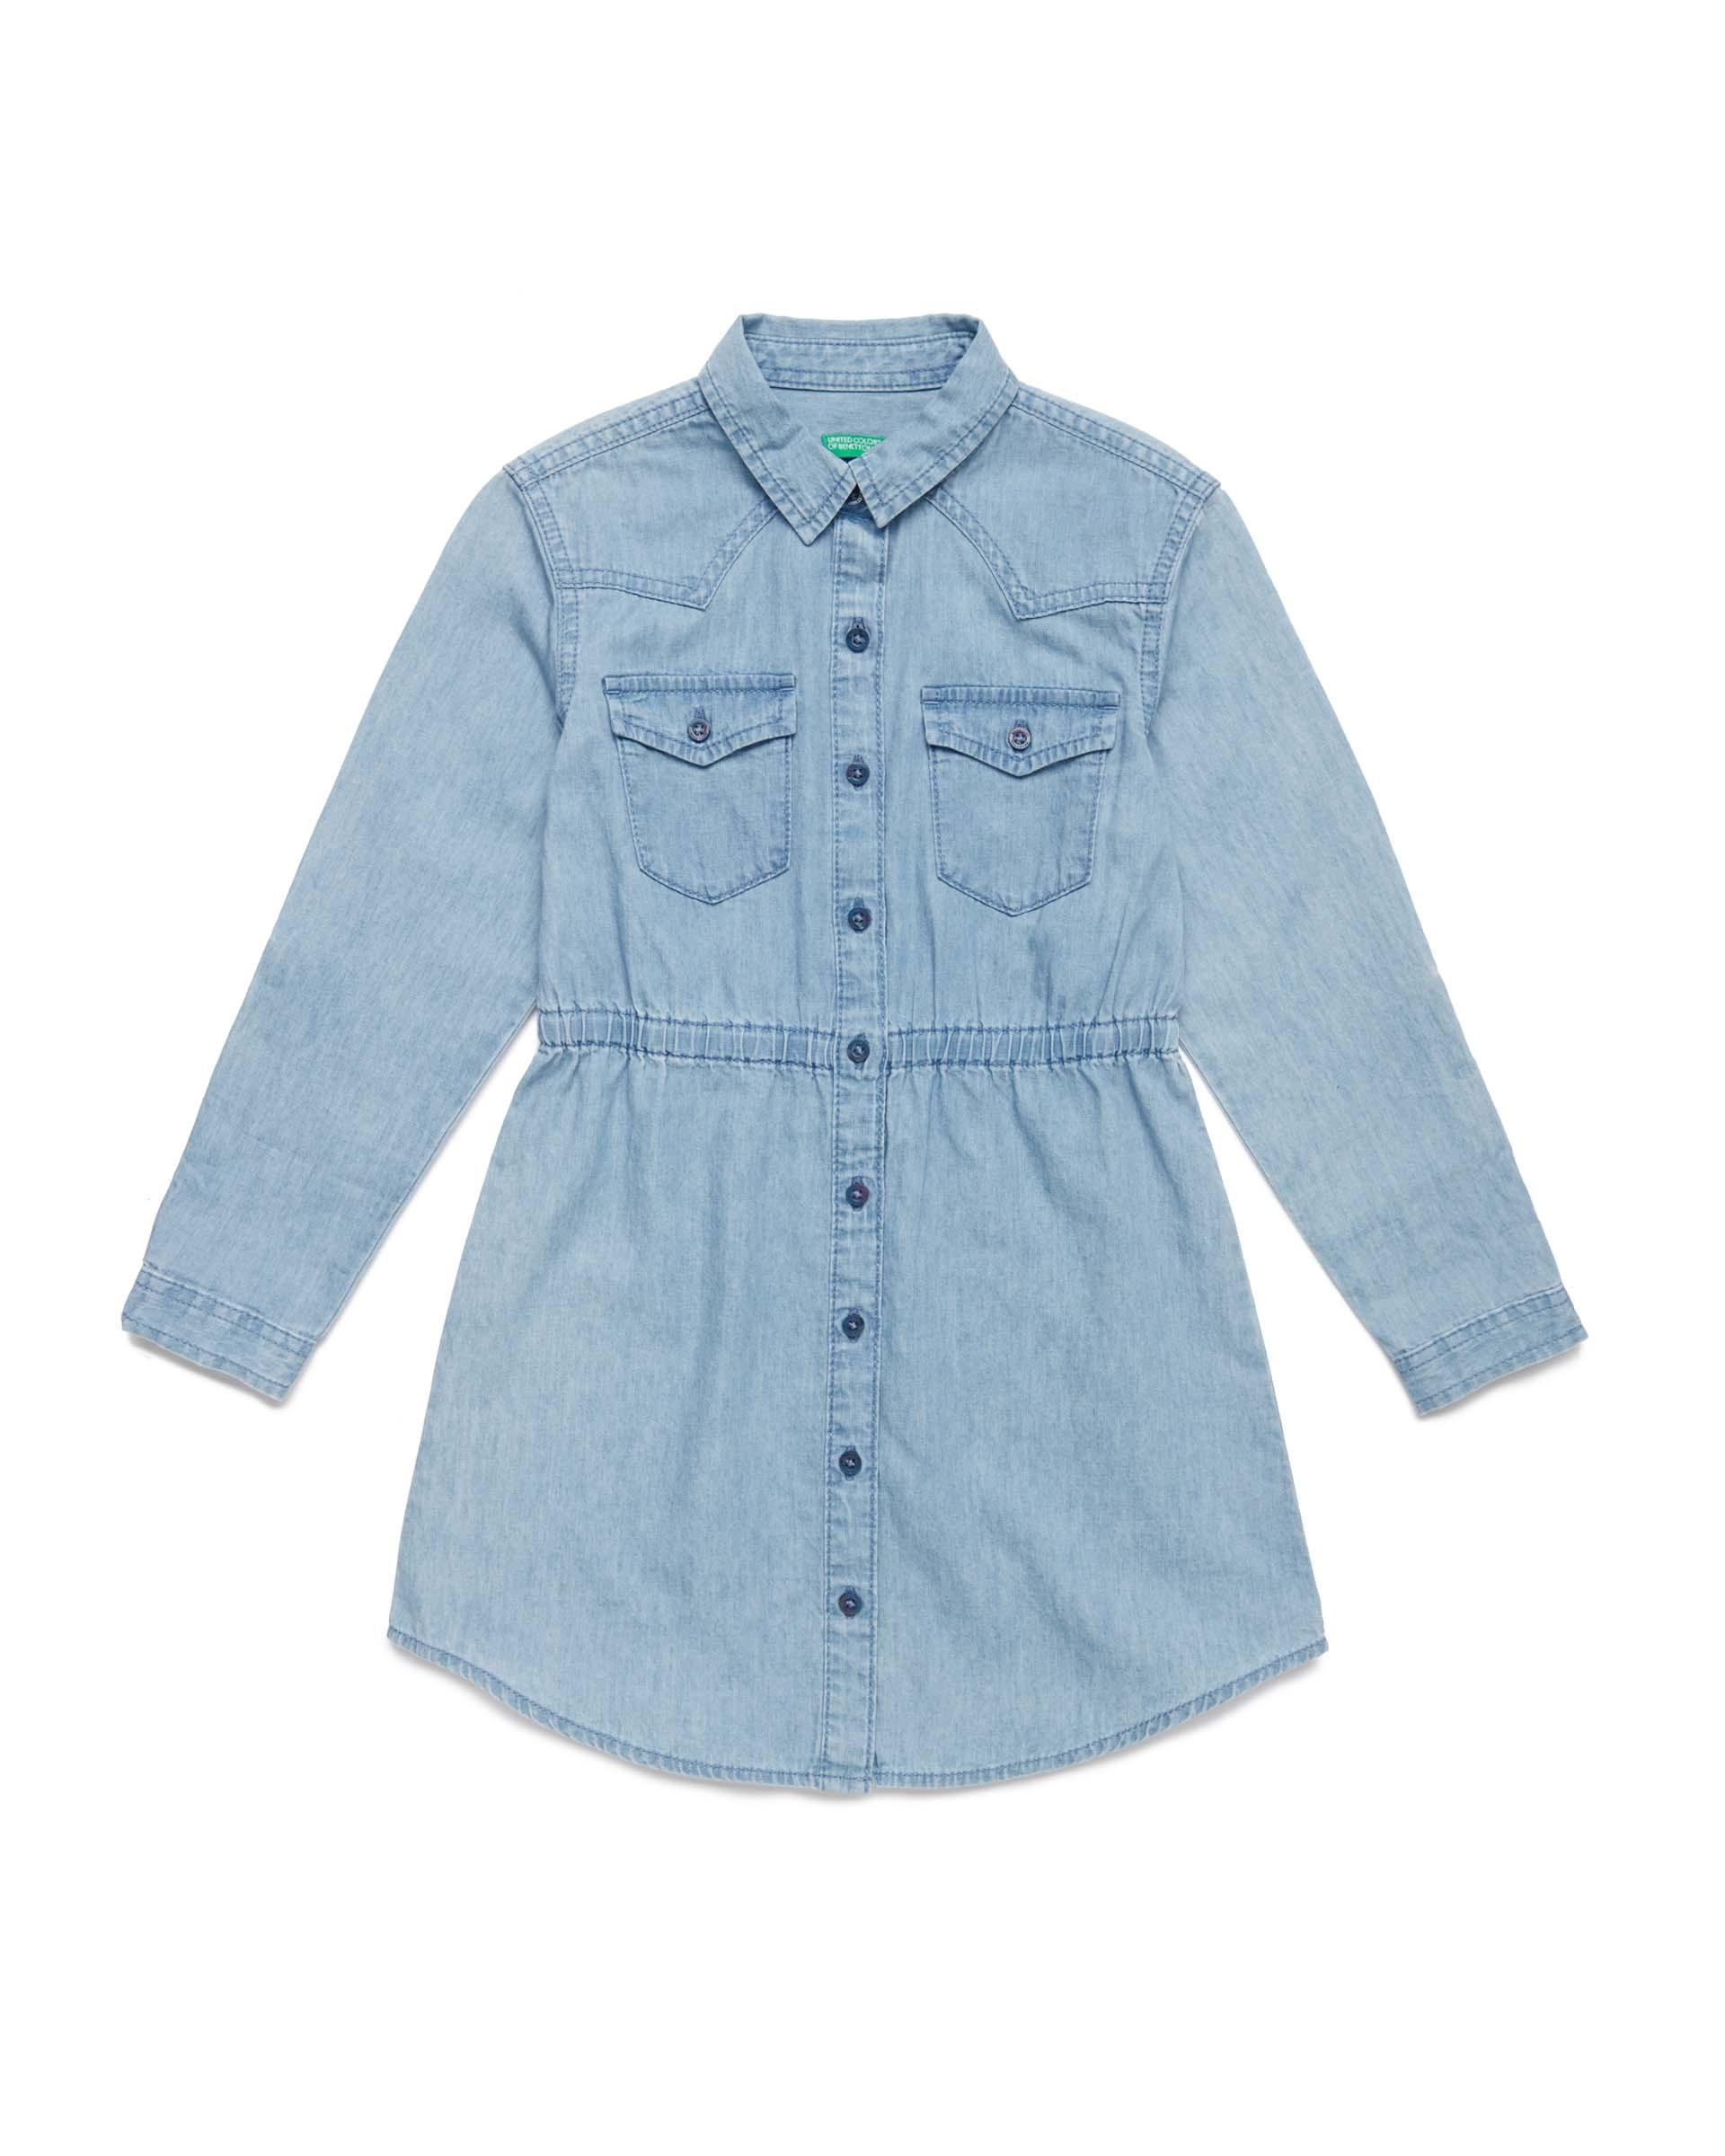 Купить 20P_4DHJ5VDE0_902, Джинсовое платье-рубашка для девочек Benetton 4DHJ5VDE0_902 р-р 170, United Colors of Benetton, Платья для девочек